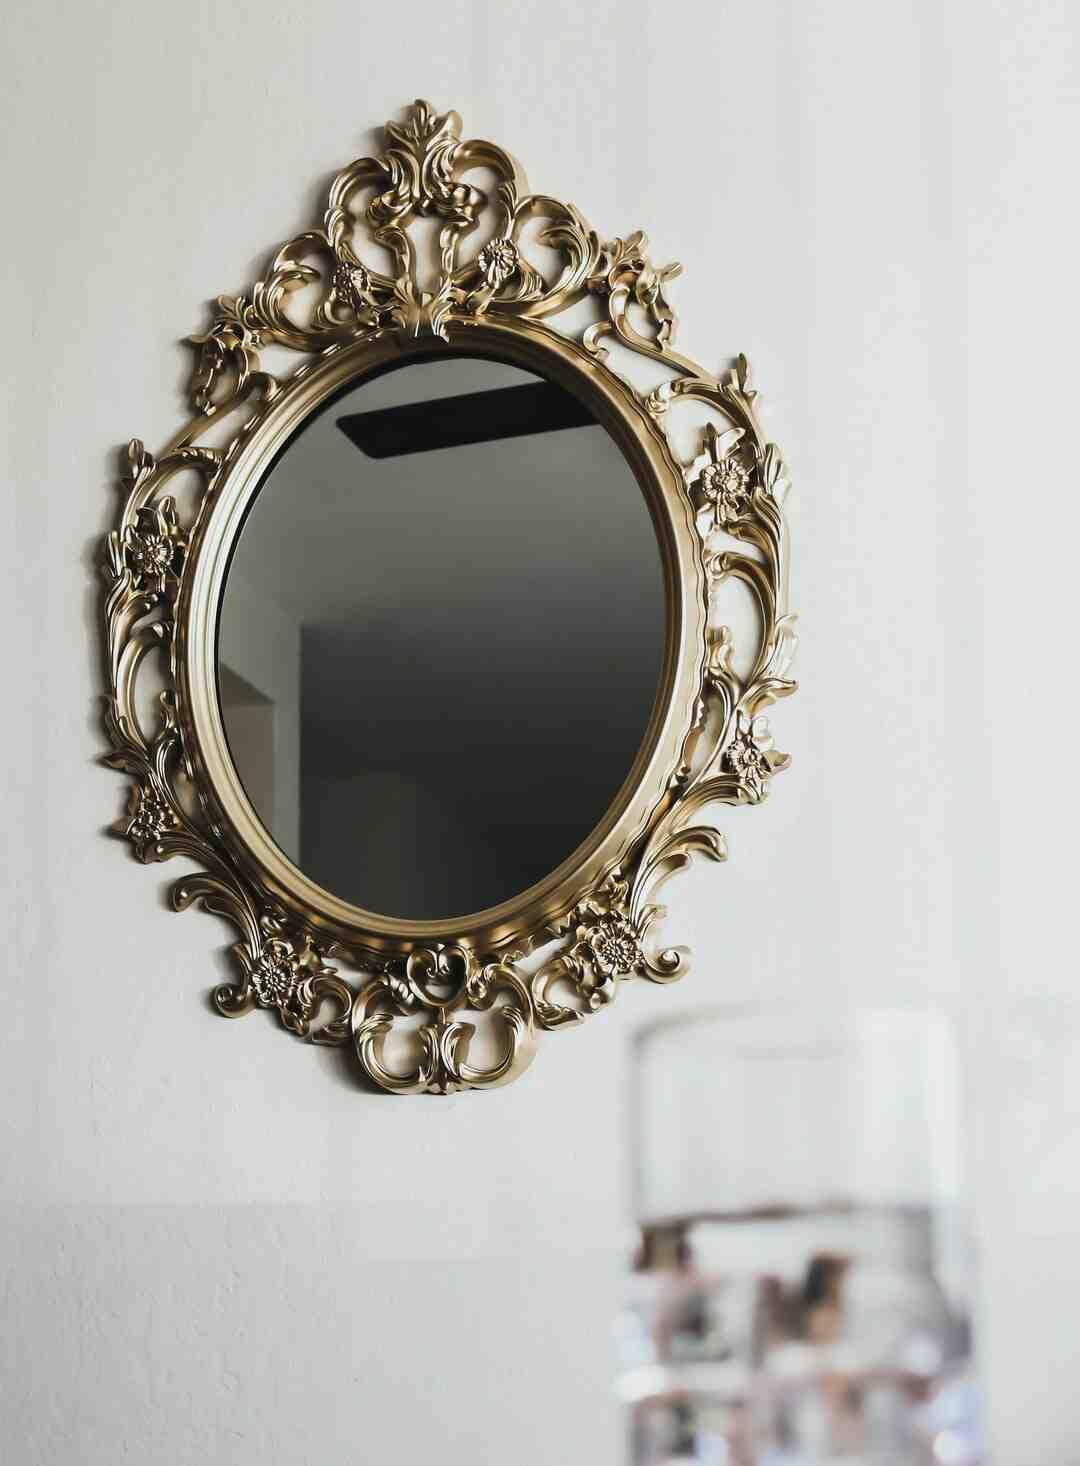 Comment accrocher un miroir avec sangle ?